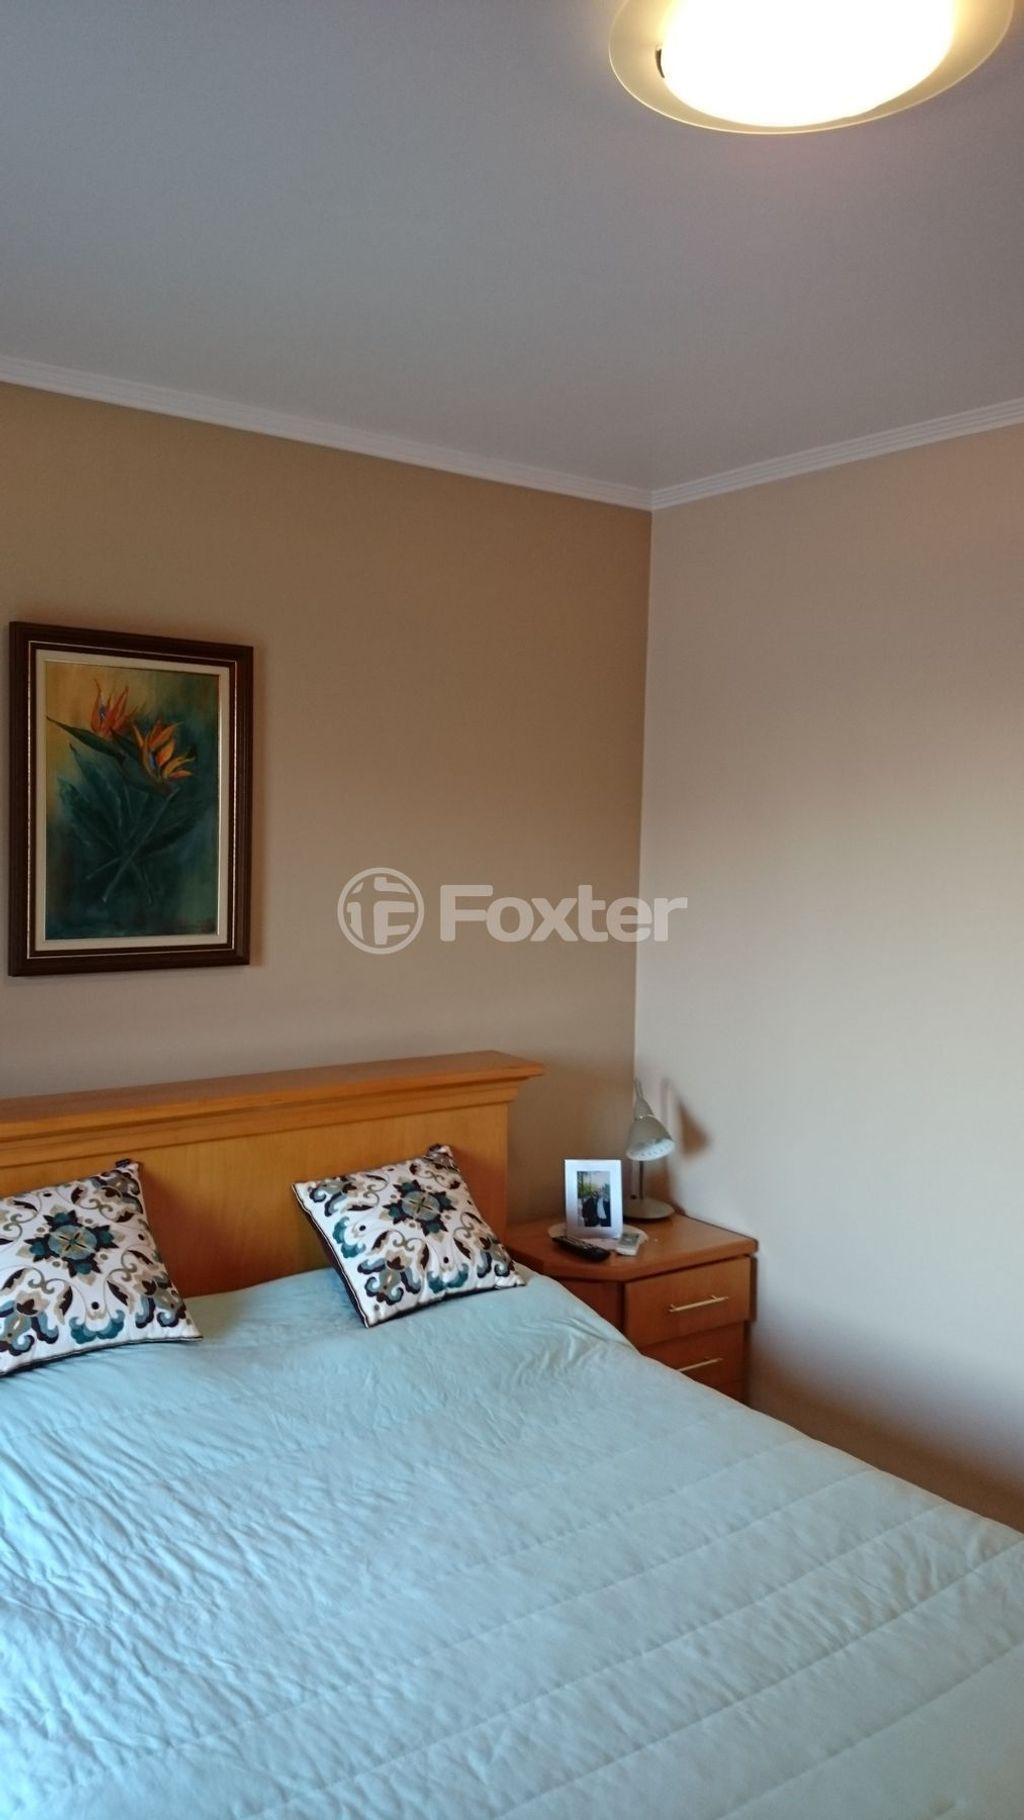 Foxter Imobiliária - Cobertura 3 Dorm (137279) - Foto 3